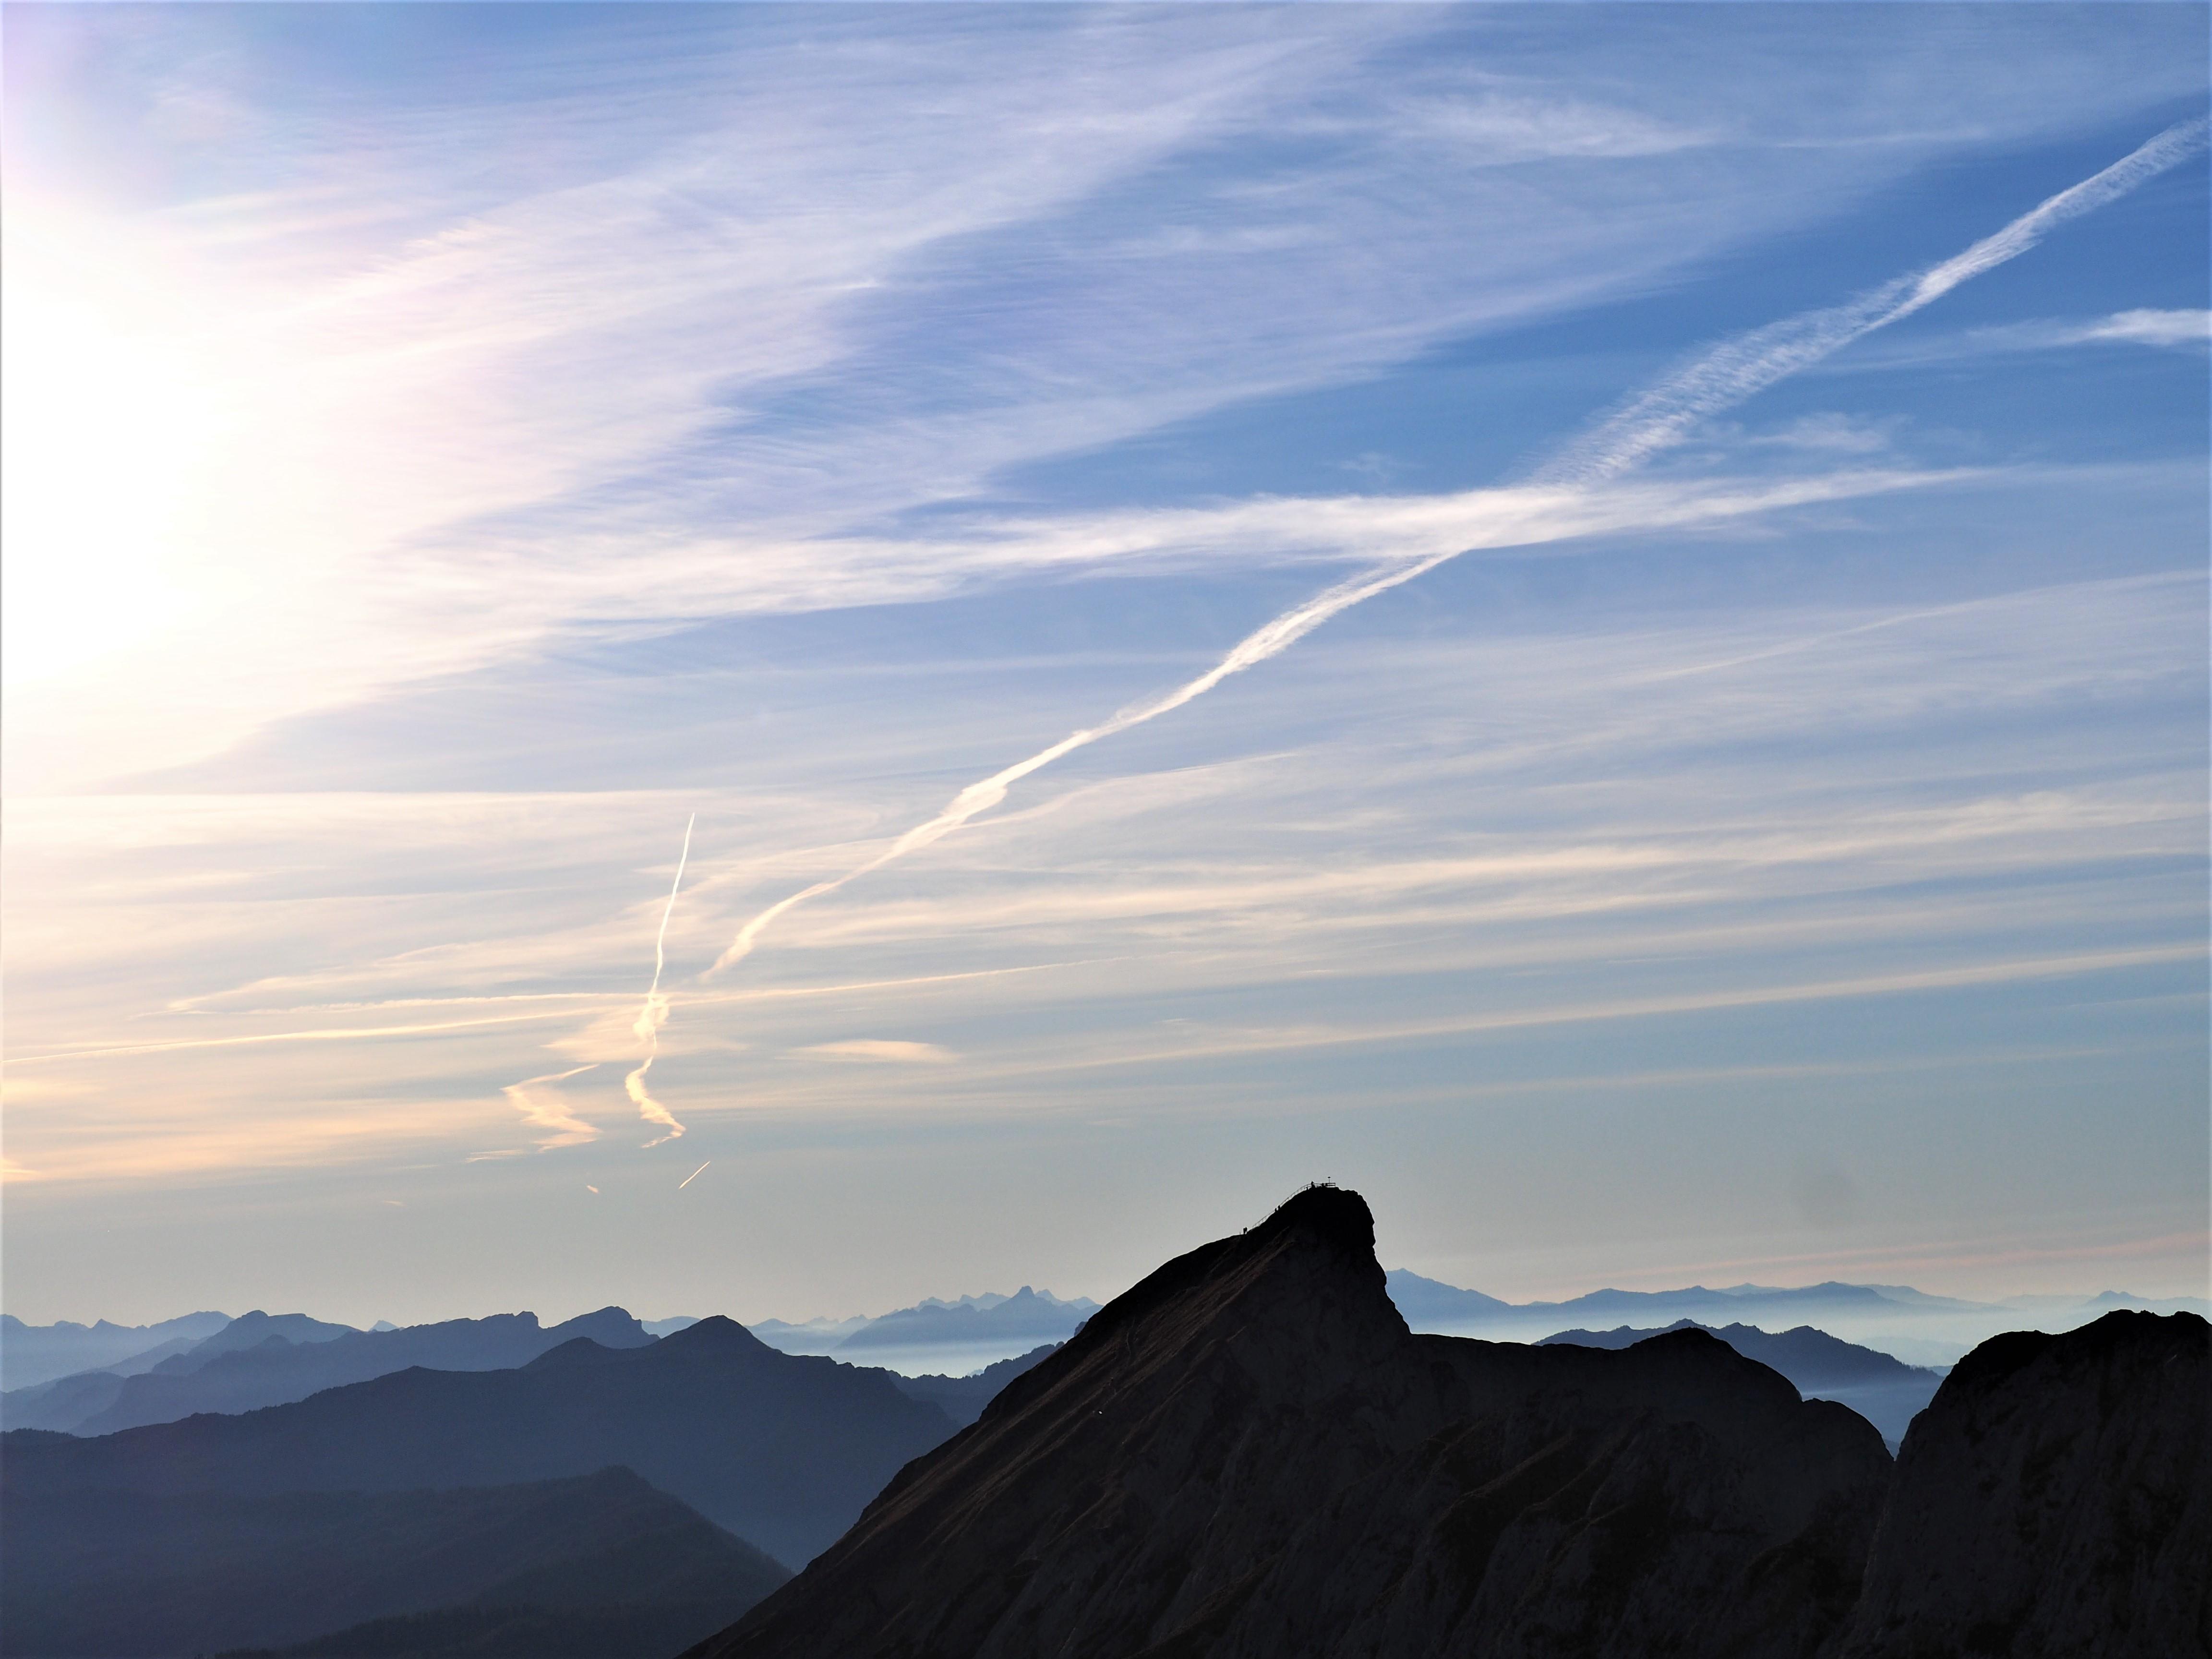 MONT-PILatus-CLIOANDCO-vue-suisse-blog-voyage.